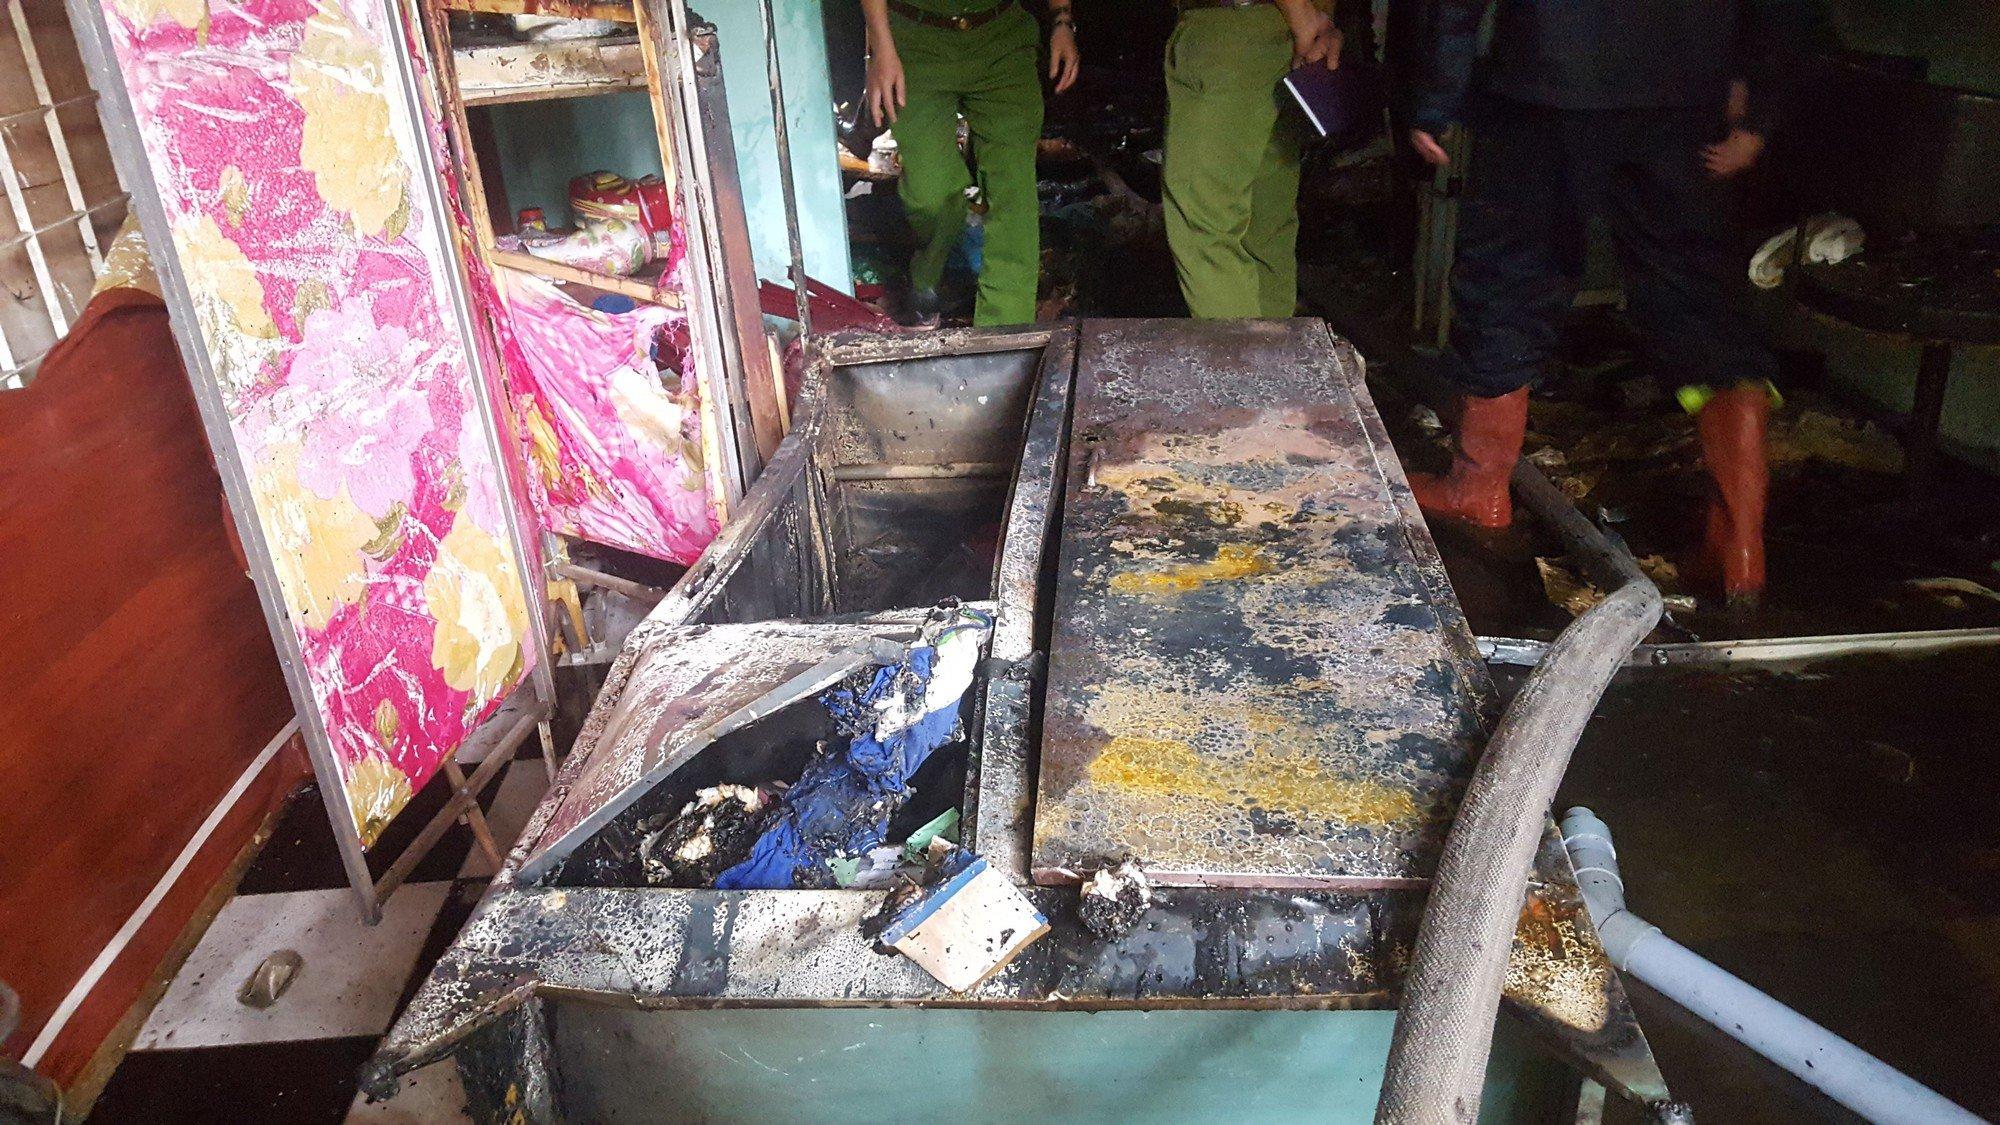 Đà Nẵng: Cháy lan tại nhà trọ giữa trưa, cả xóm náo loạn 5